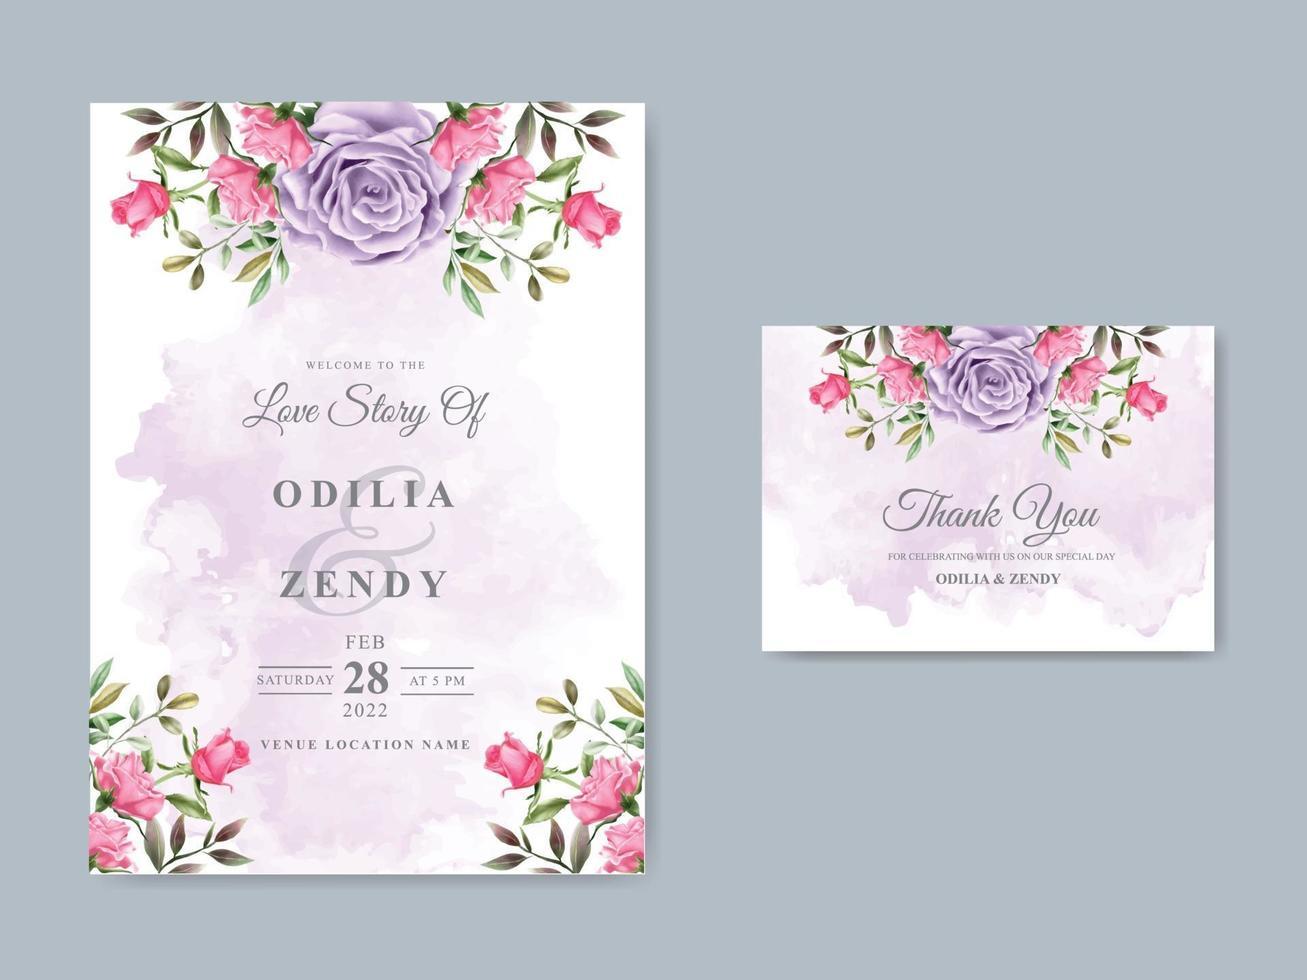 modèle d'invitation de mariage élégant avec un beau design floral vecteur